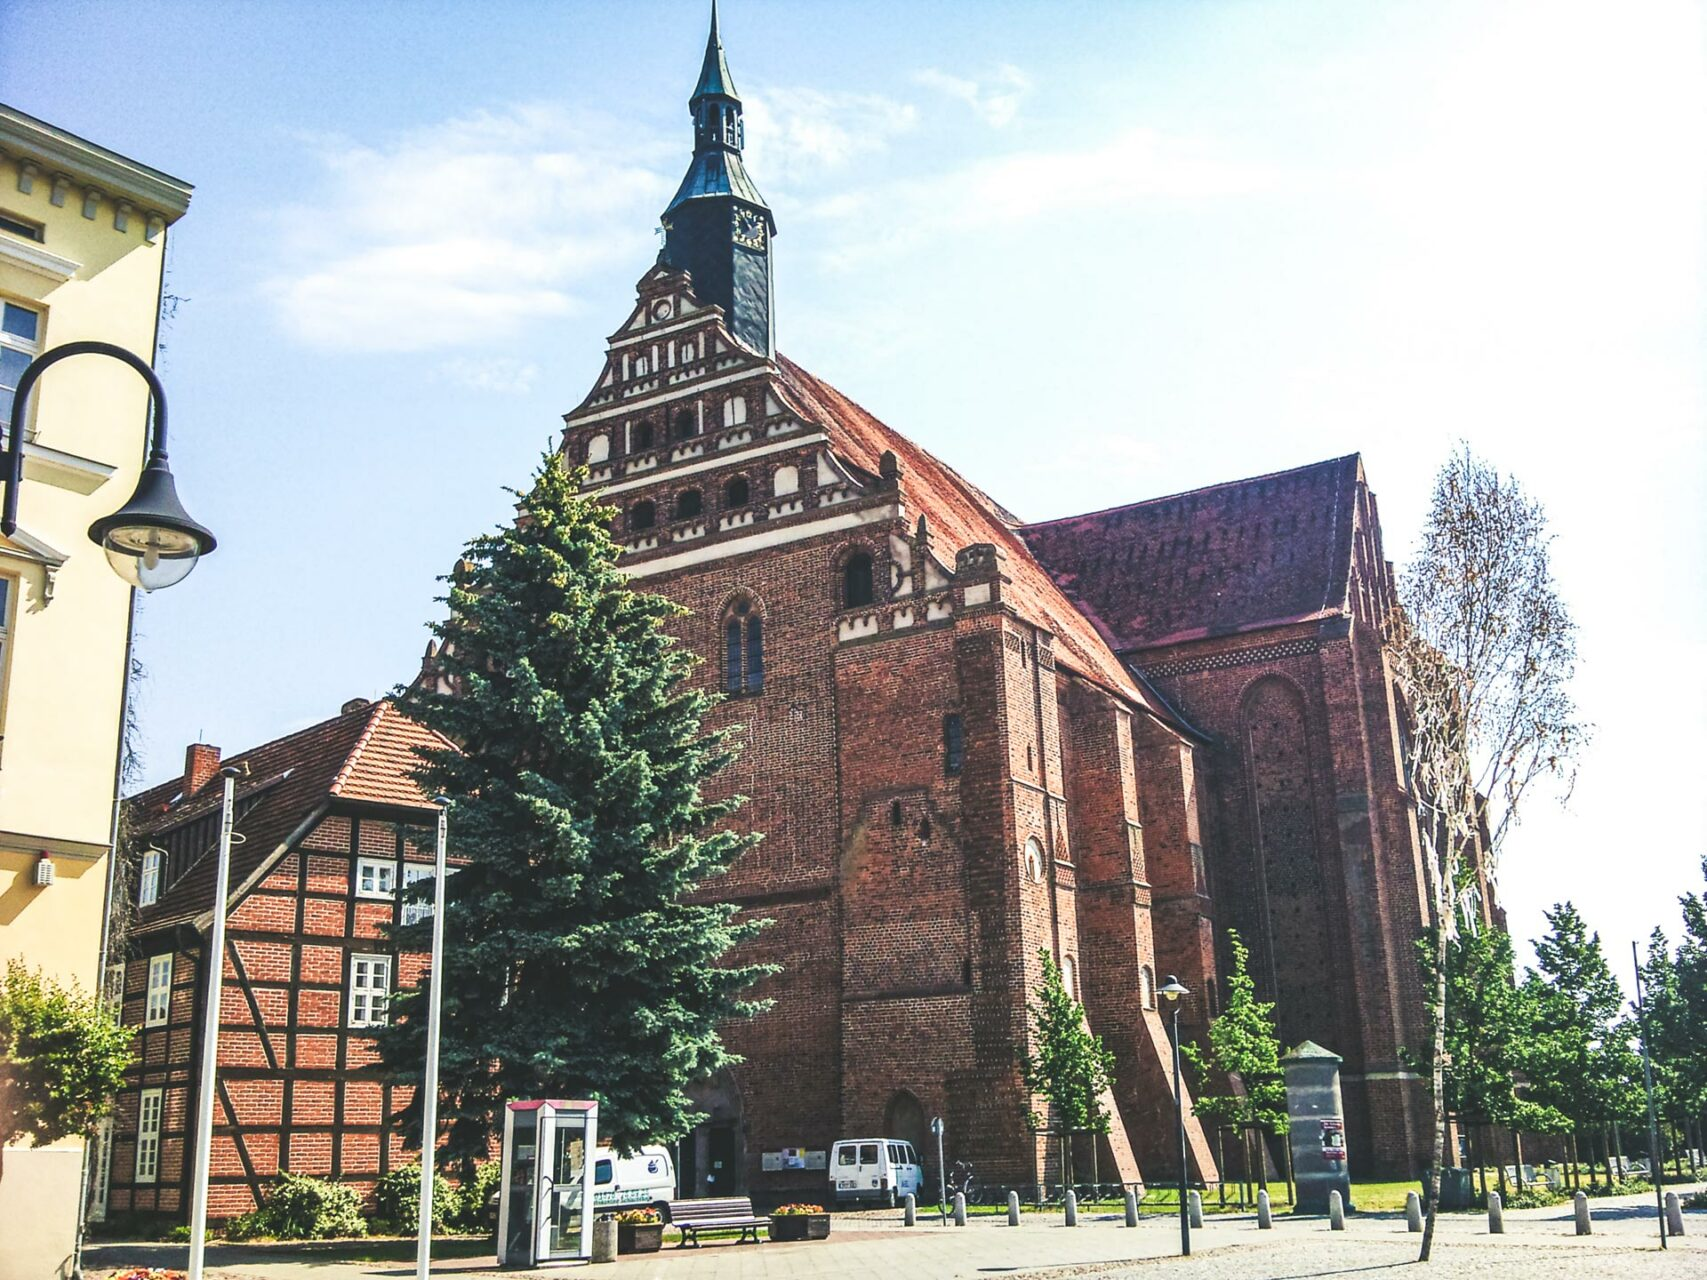 Die Wunderblutkirche in Bad Wilsnack im morgendlichen Sonnenschein. Ein paar Mal rundherum laufen und schon sind es ein paar Jahre weniger im Fegefeuer.